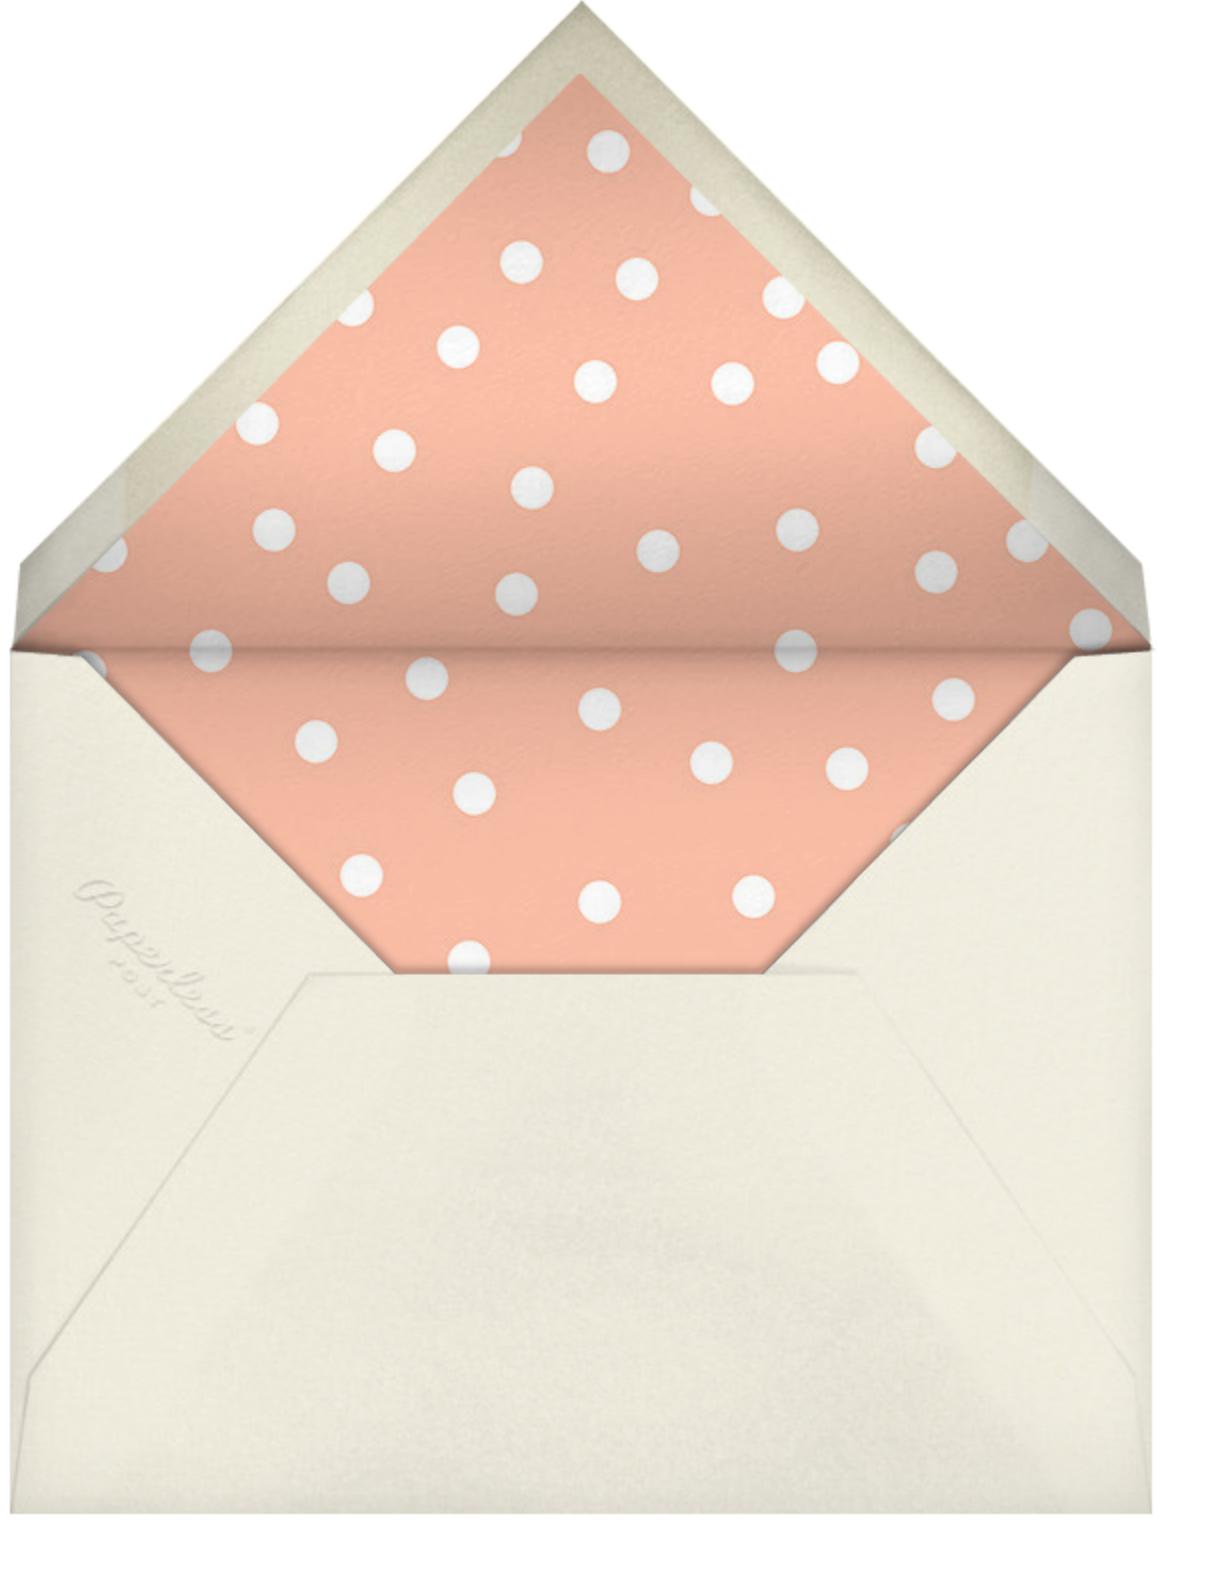 Paper dolls - Linda and Harriett - null - envelope back